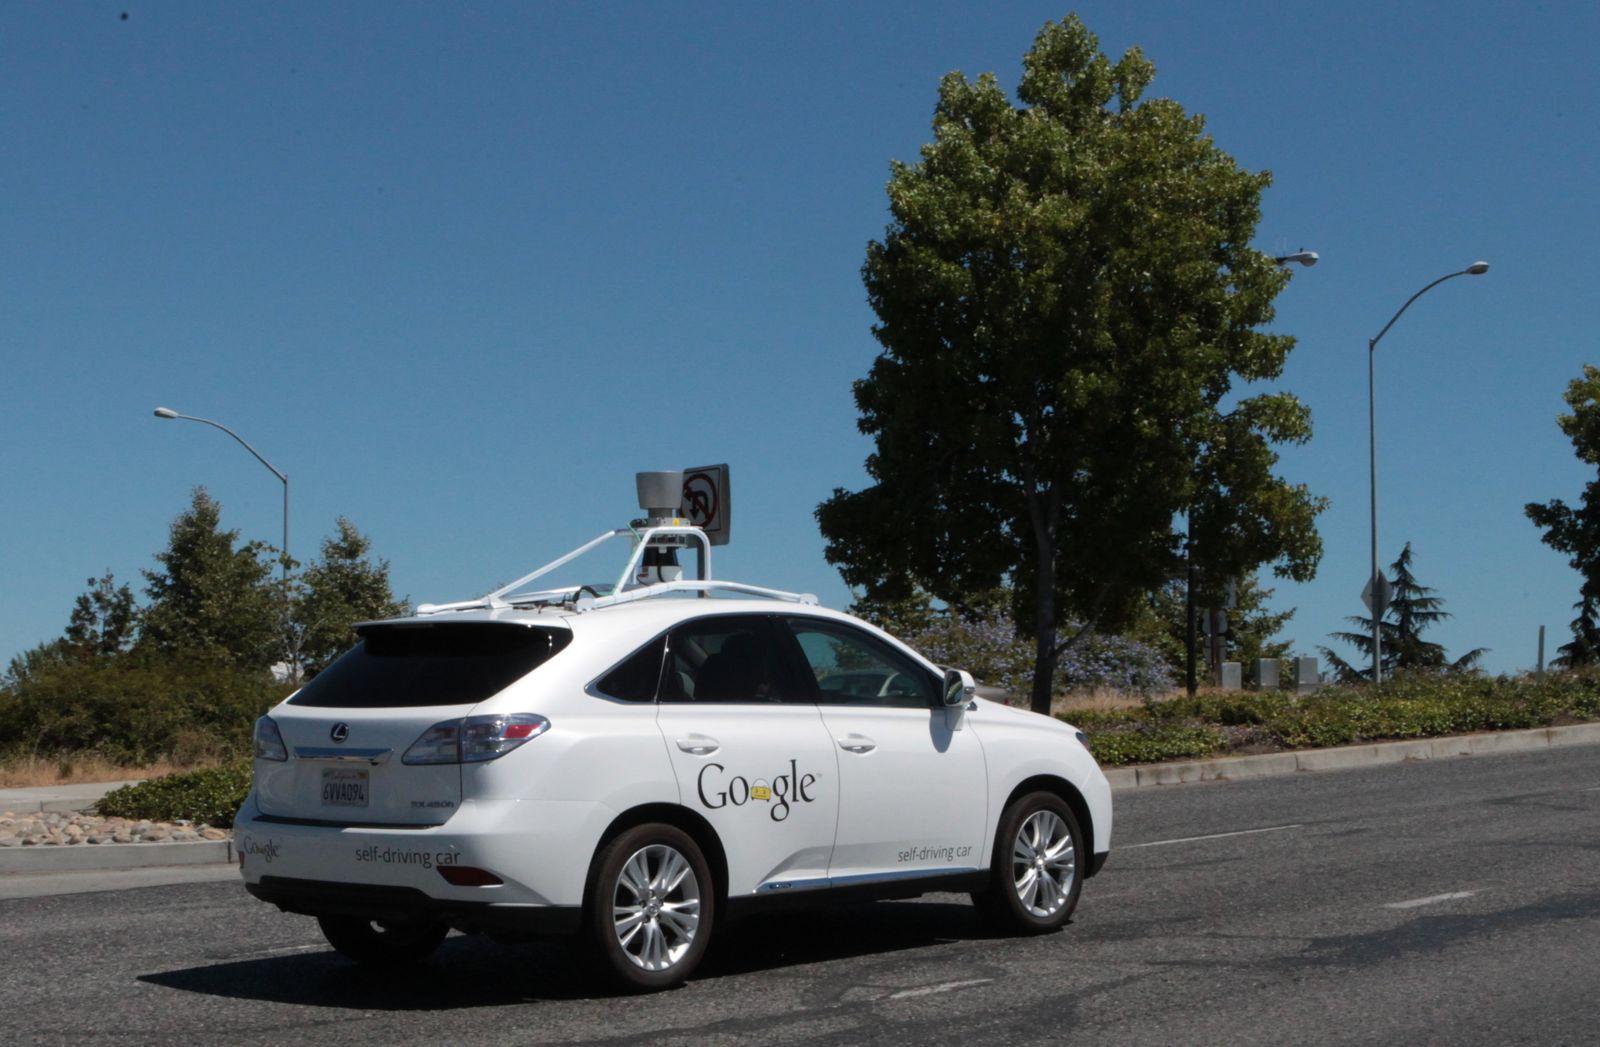 Selbstfahrendes Auto von Google / Google Car